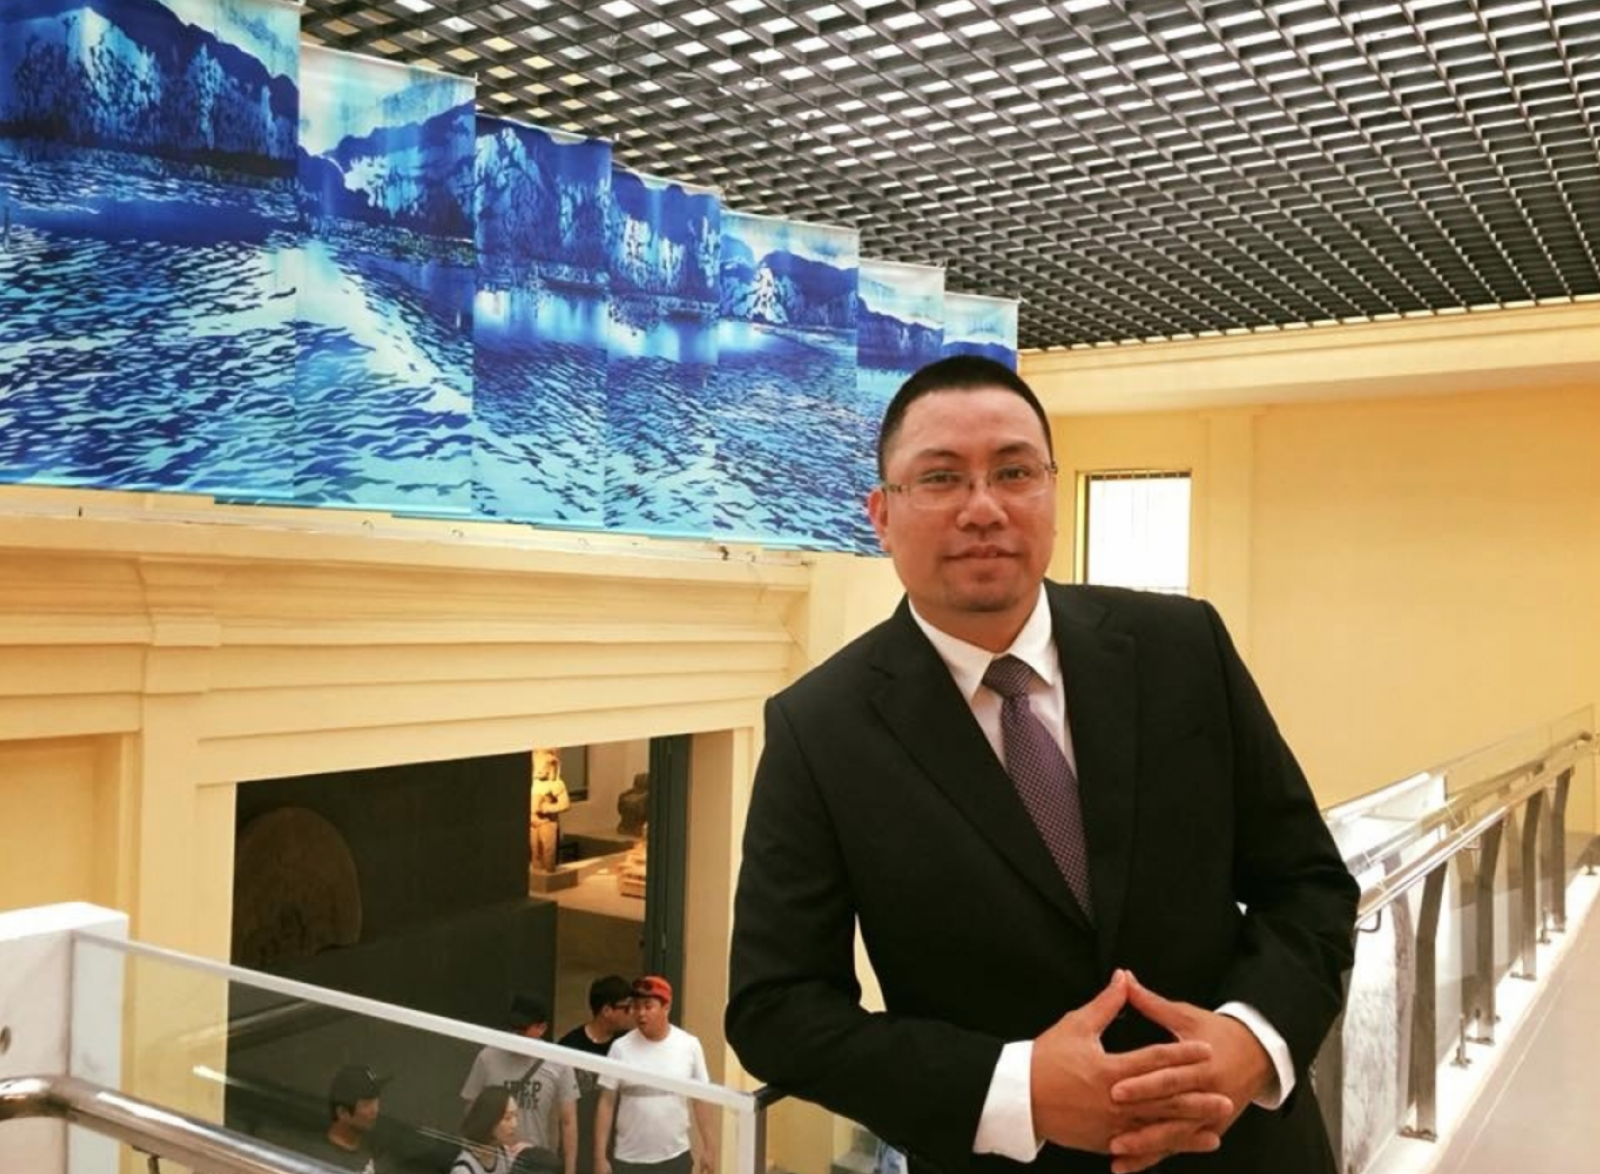 Chuyên gia quản trị và truyền thông văn hóa Nguyễn Đình Thành.